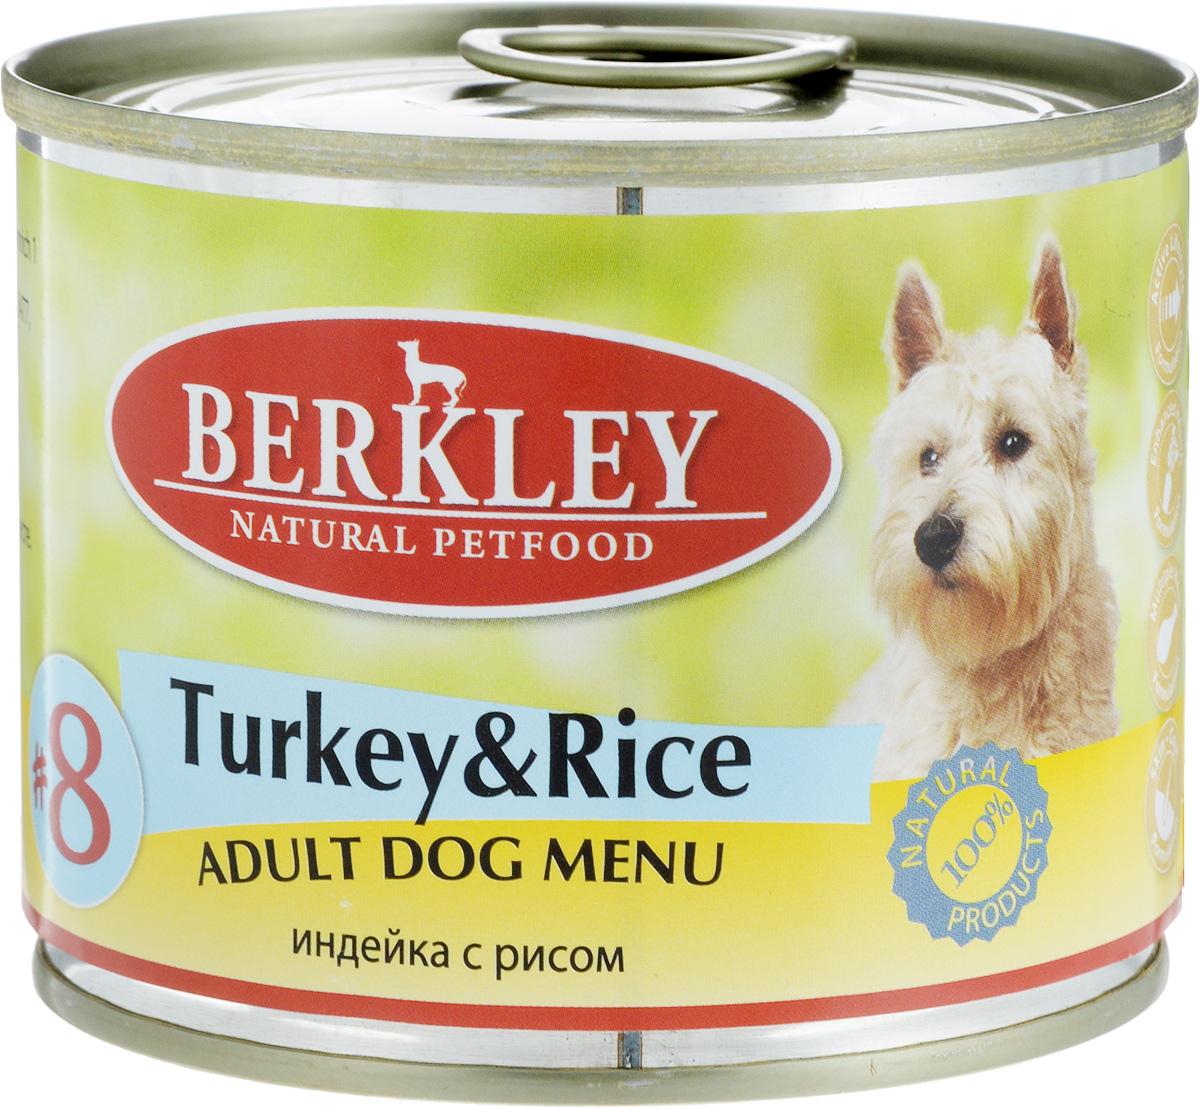 Консервы для собак Berkley №8, индейка с рисом, 200 г57475/75004Консервы Berkley №8 - полноценное консервированное питание для собак. Не содержат сои, консервантов, искусственных красителей и ароматизаторов. Корм полностью удовлетворяет ежедневные энергетические потребности животного и обеспечивает оптимальное функционирование пищеварительной системы. Товар сертифицирован.